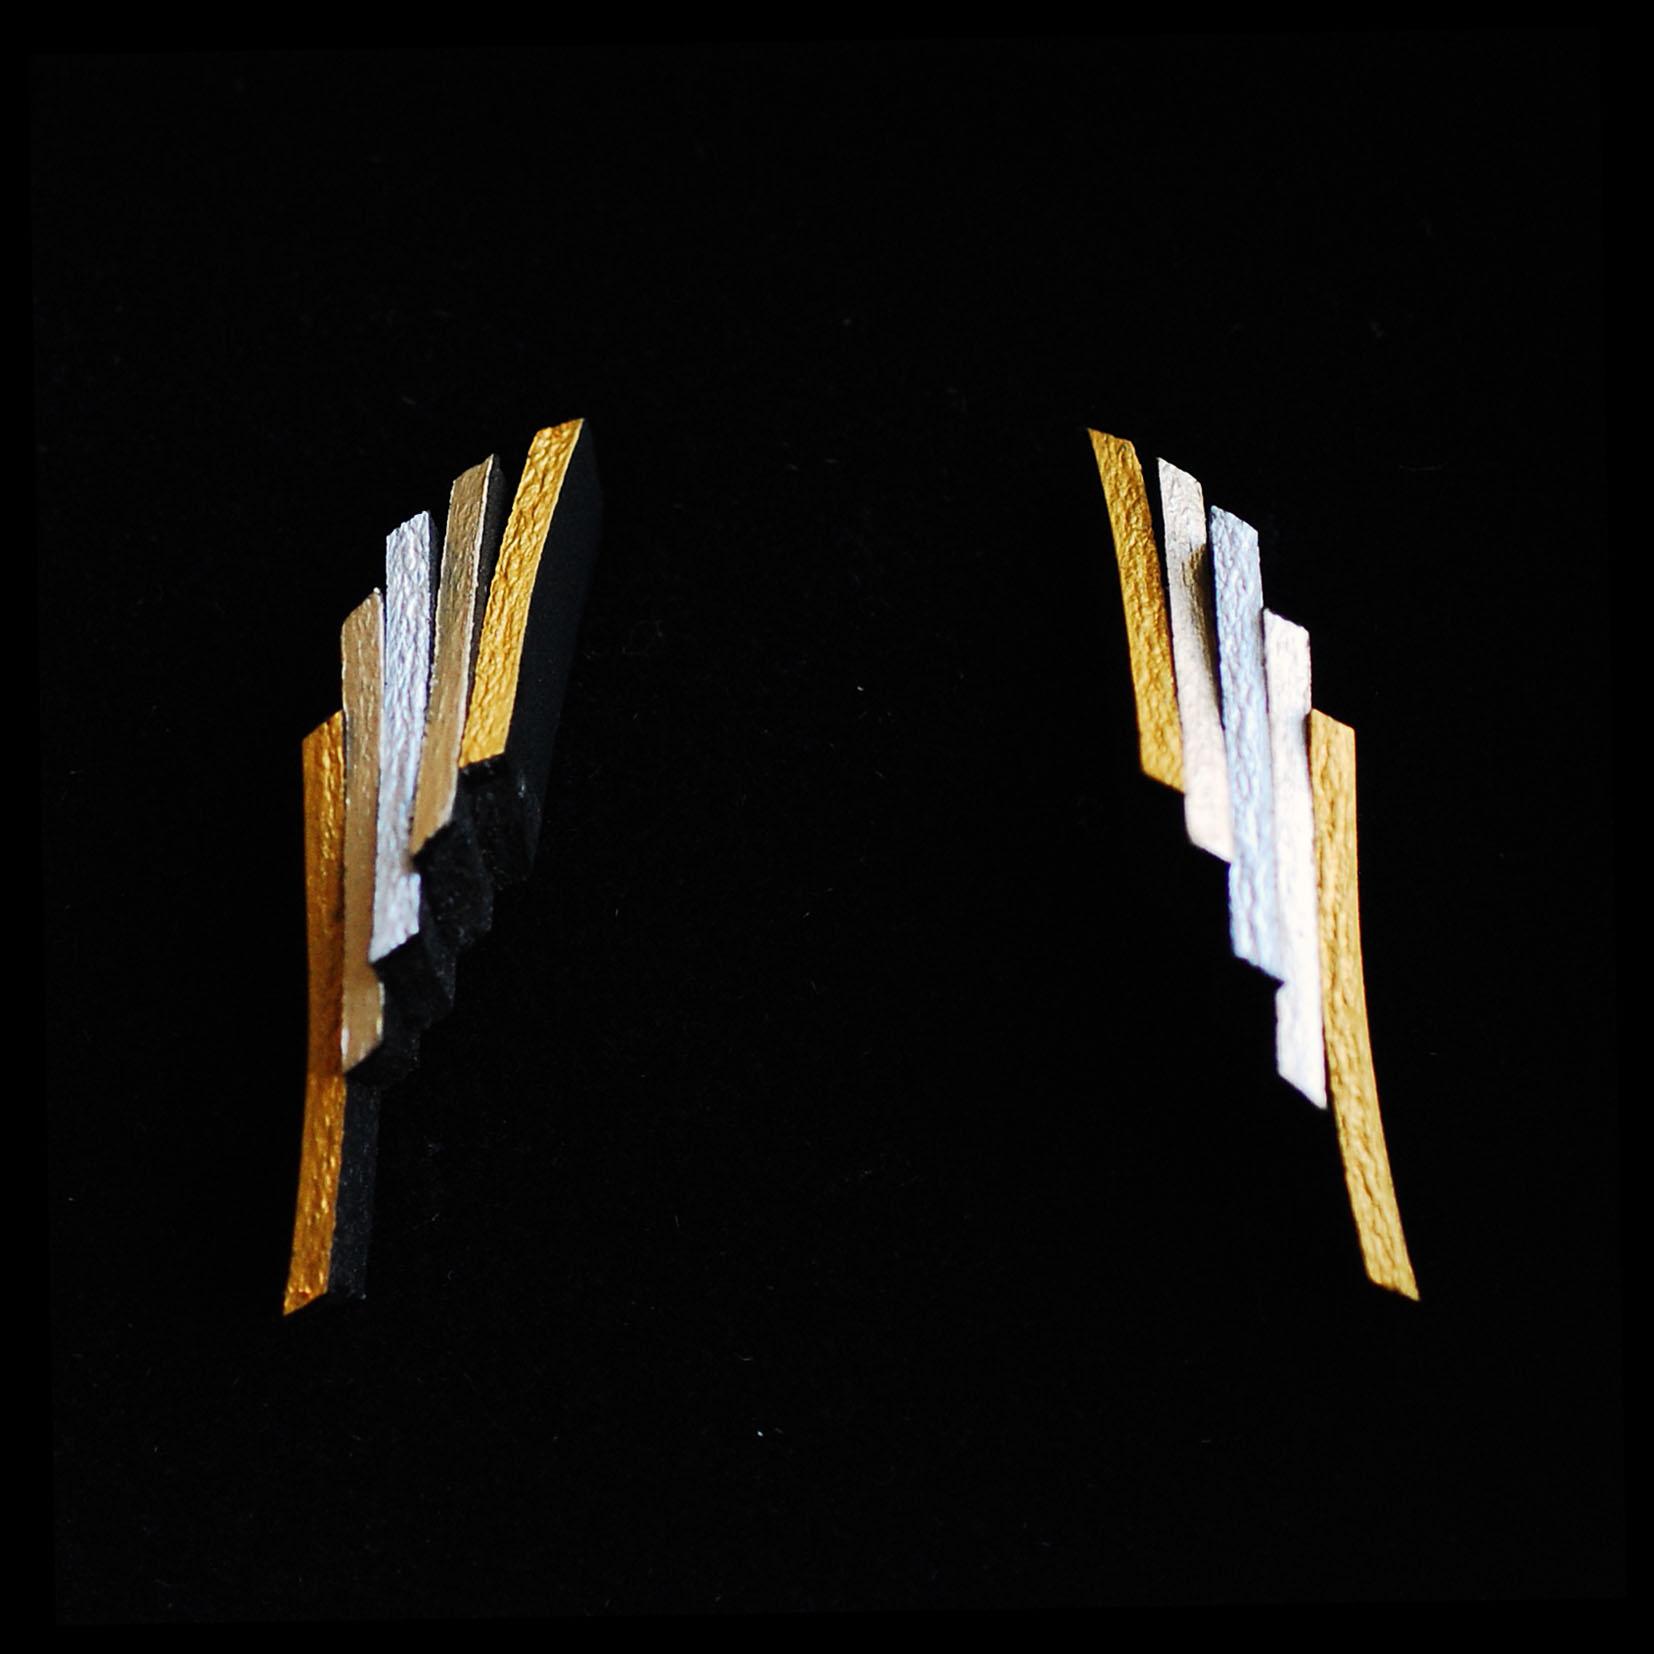 Flight Earrings Commission blended gold-silver2 - Jan17.jpg